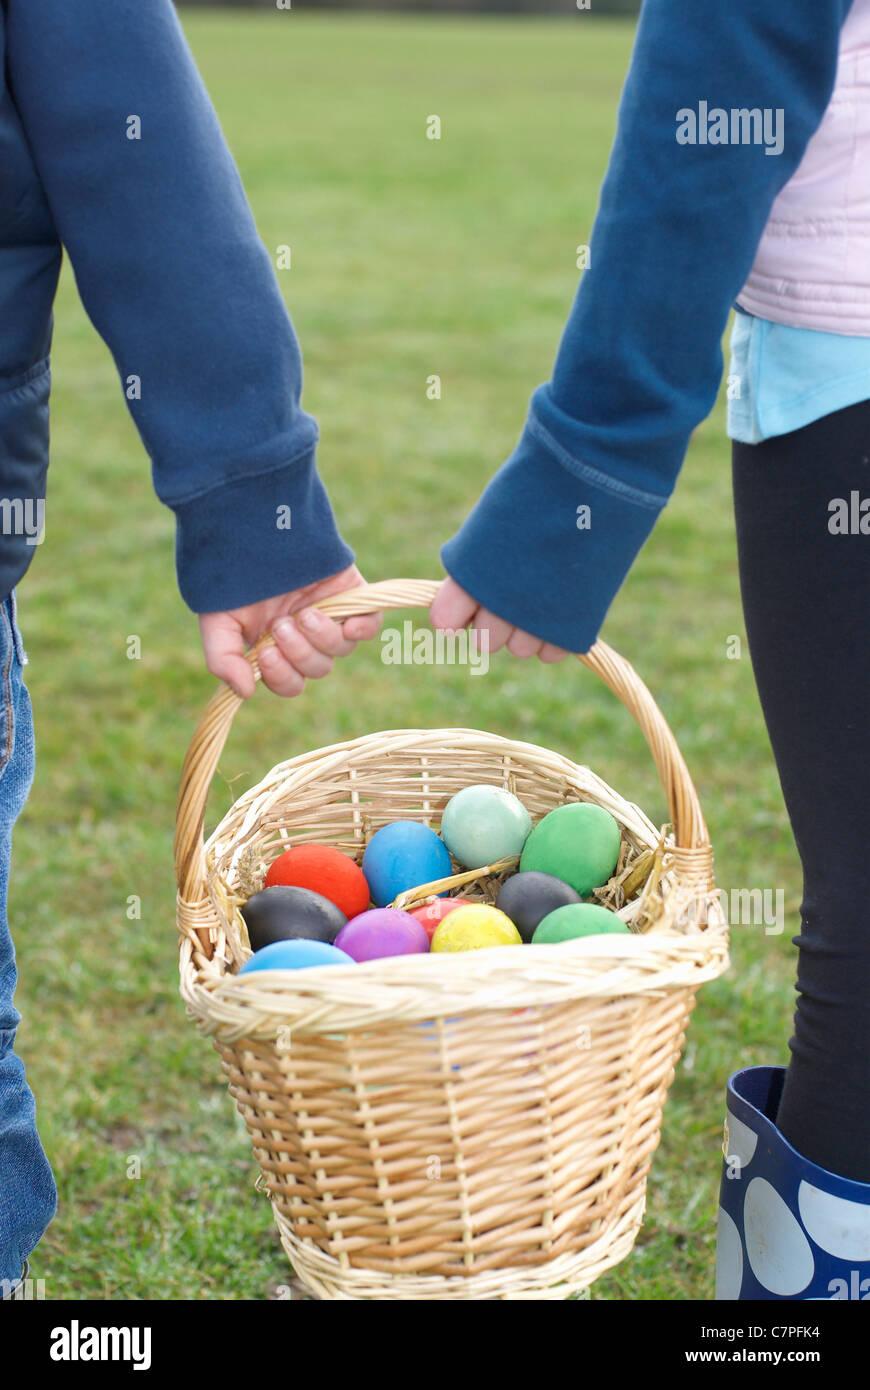 Enfants portant panier d'oeufs de Pâques Photo Stock